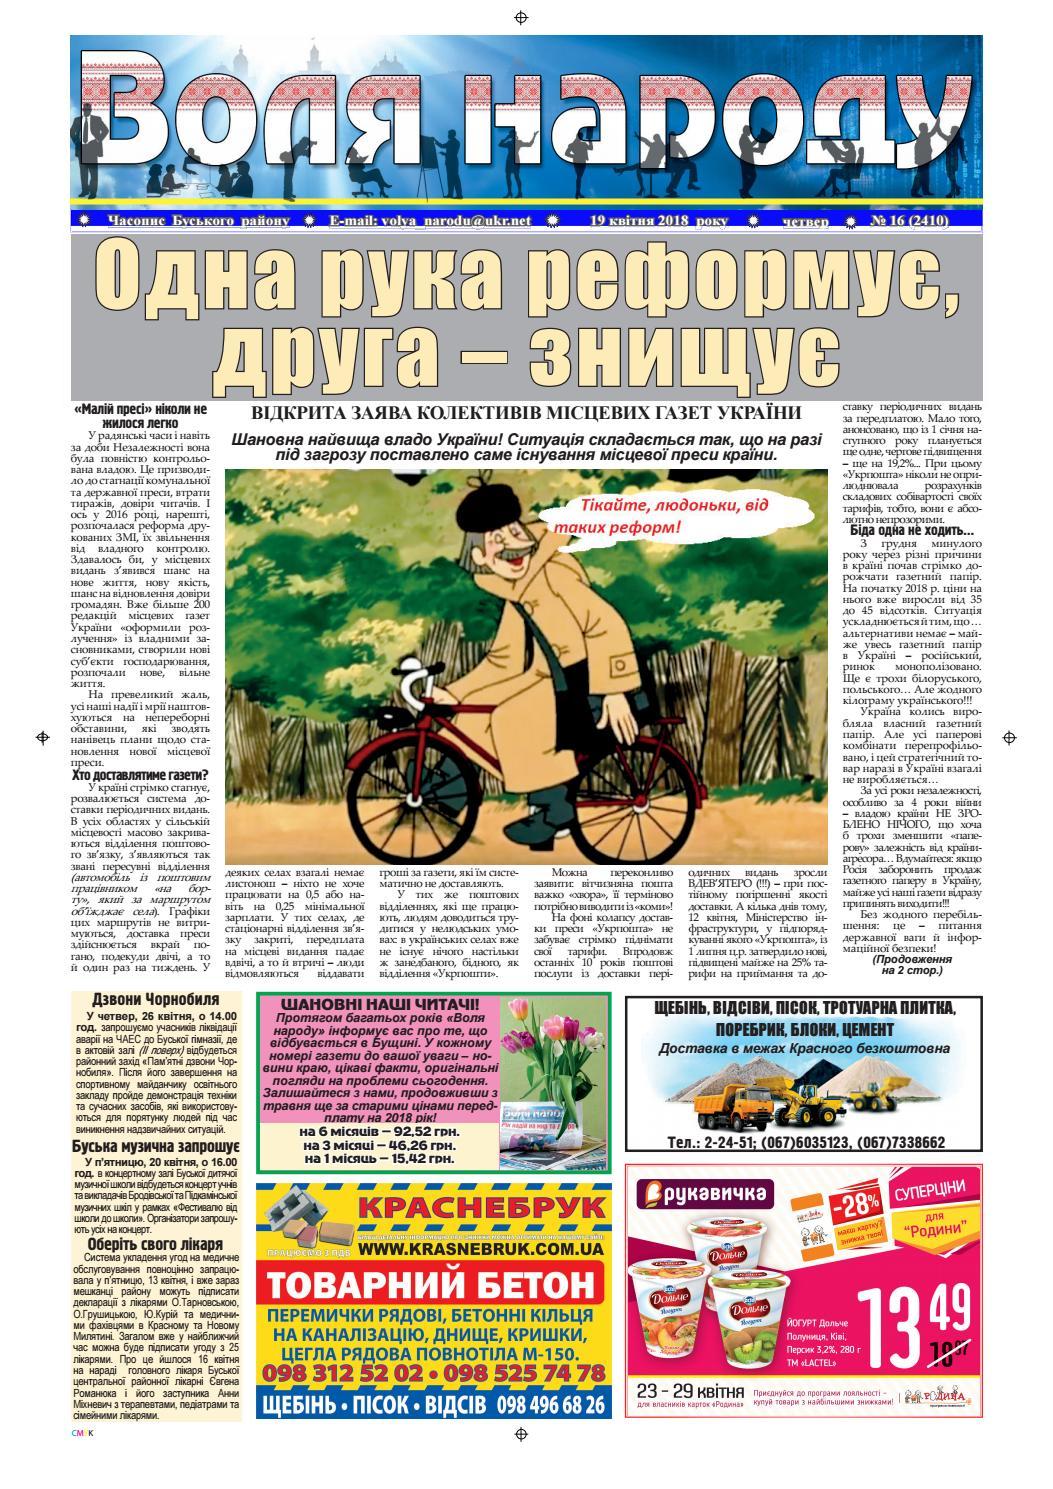 Volya narodu (busk)  16 19 apr 2018 by Bogdan Lytvyn - issuu bb3f4b04f77d5